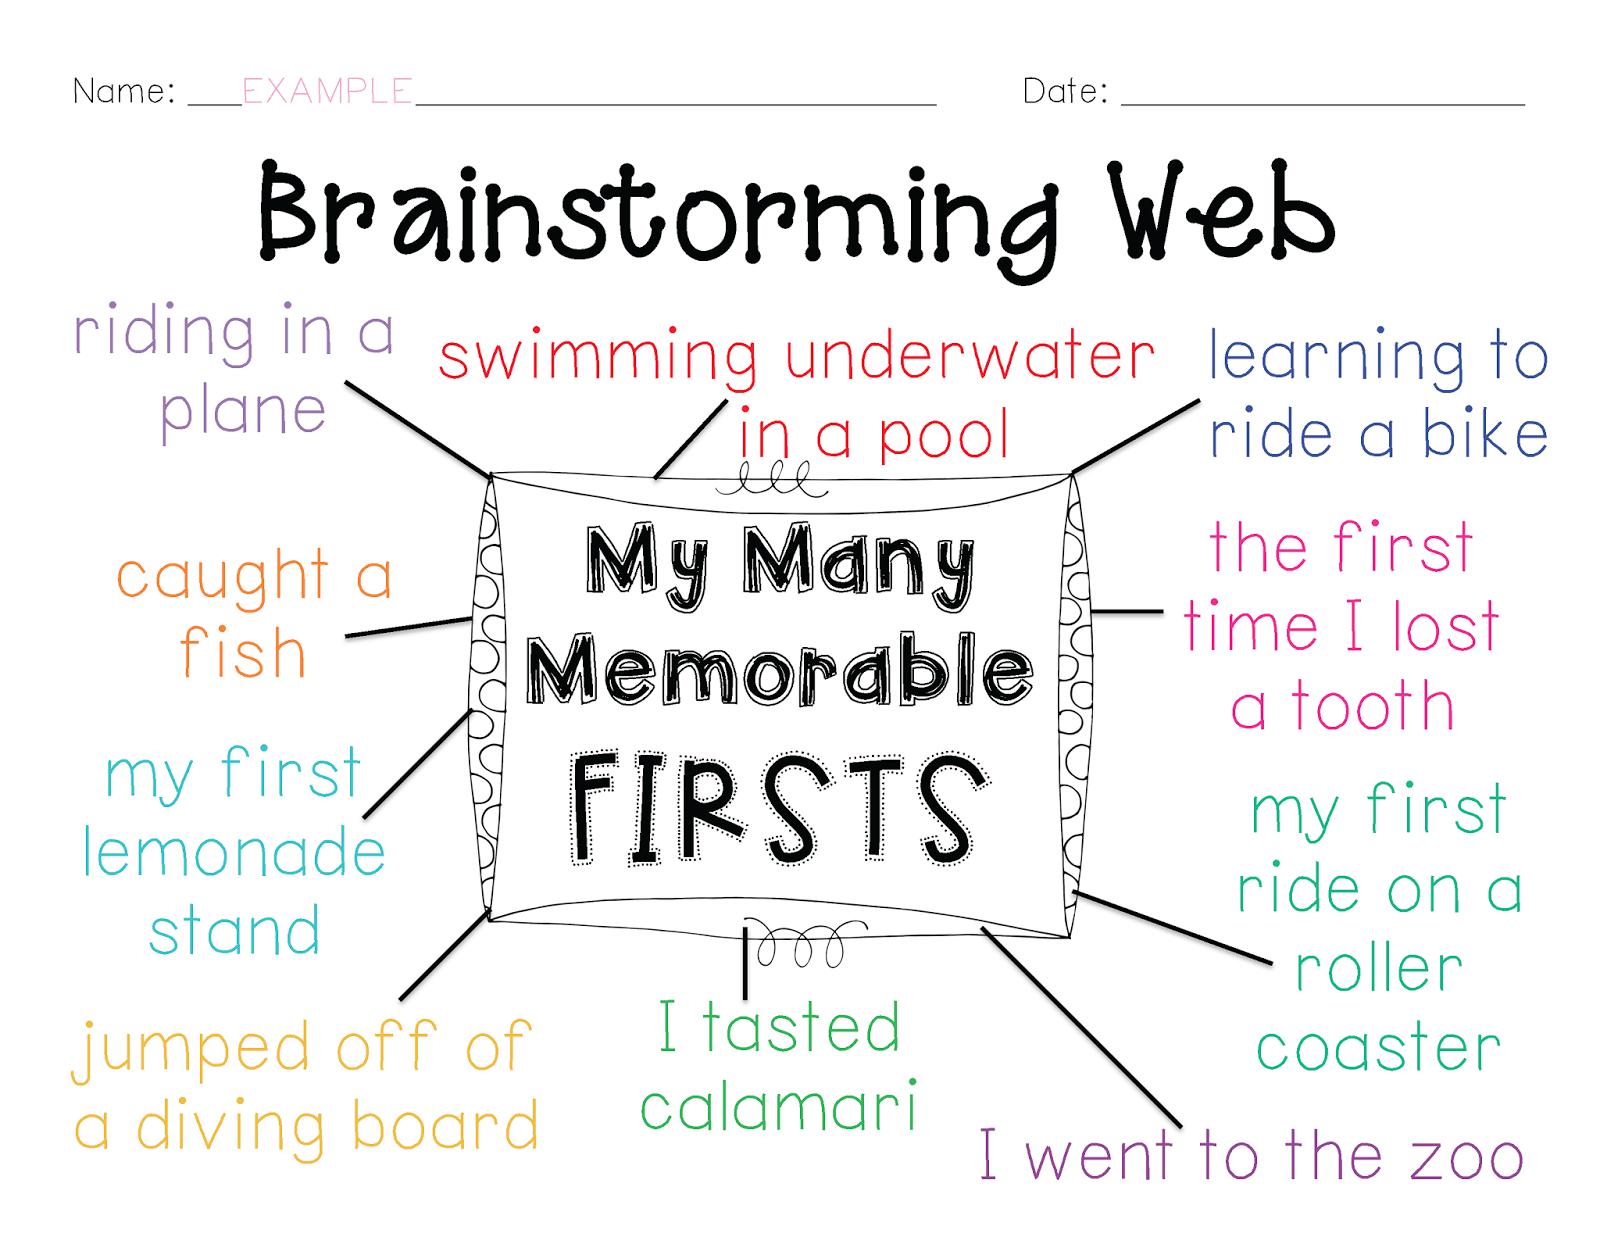 Personal Narrative Brainstorming